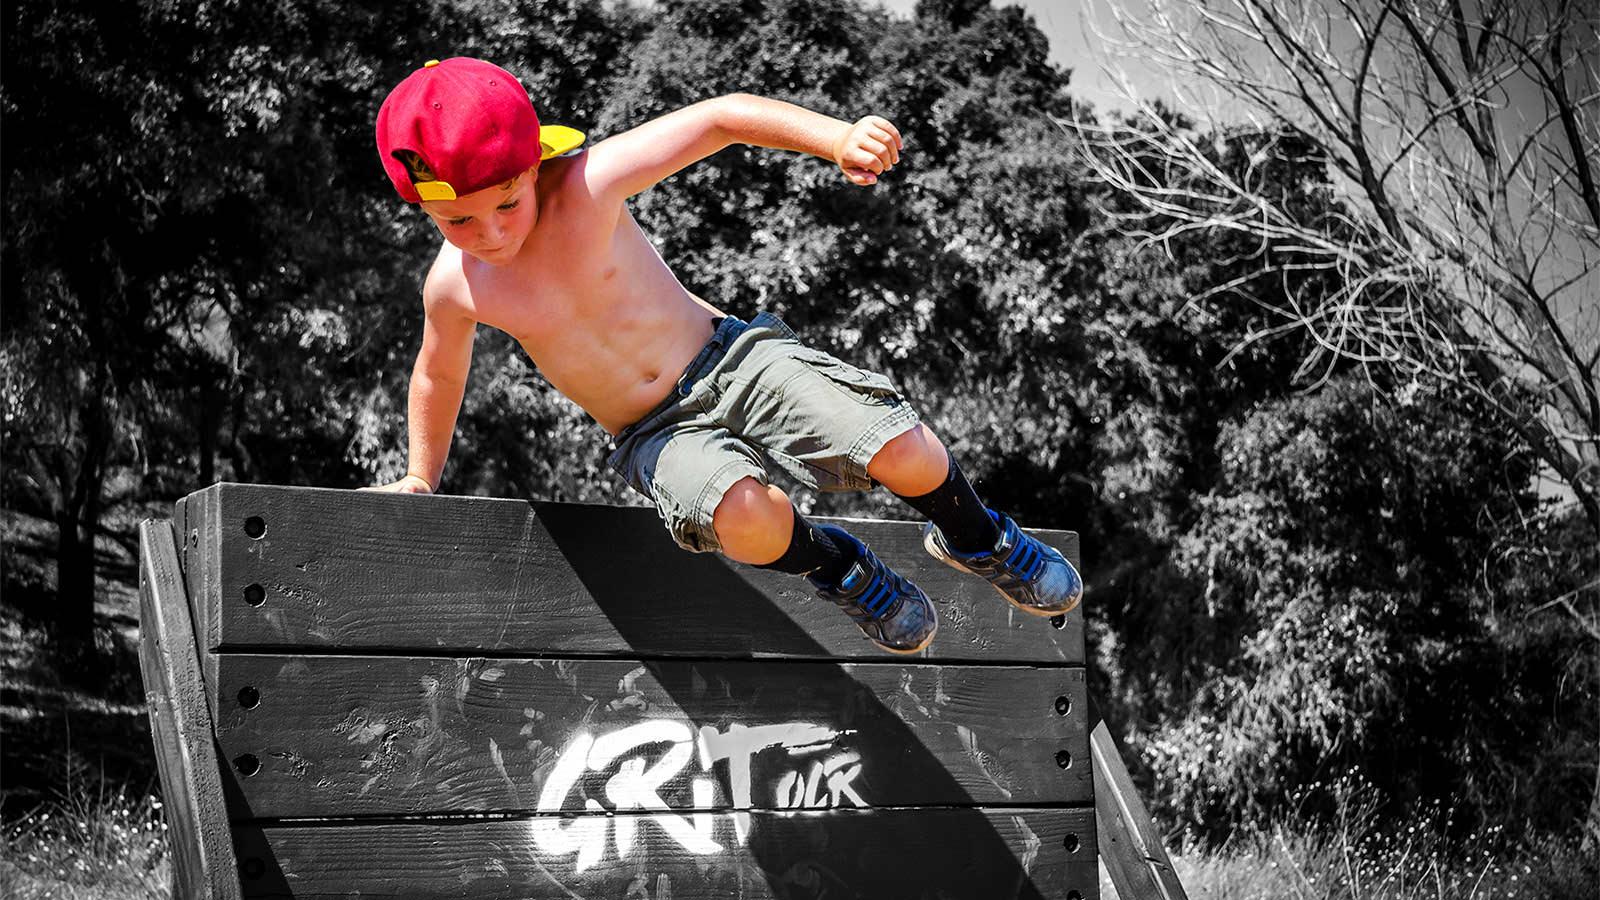 Grit OCR Kids